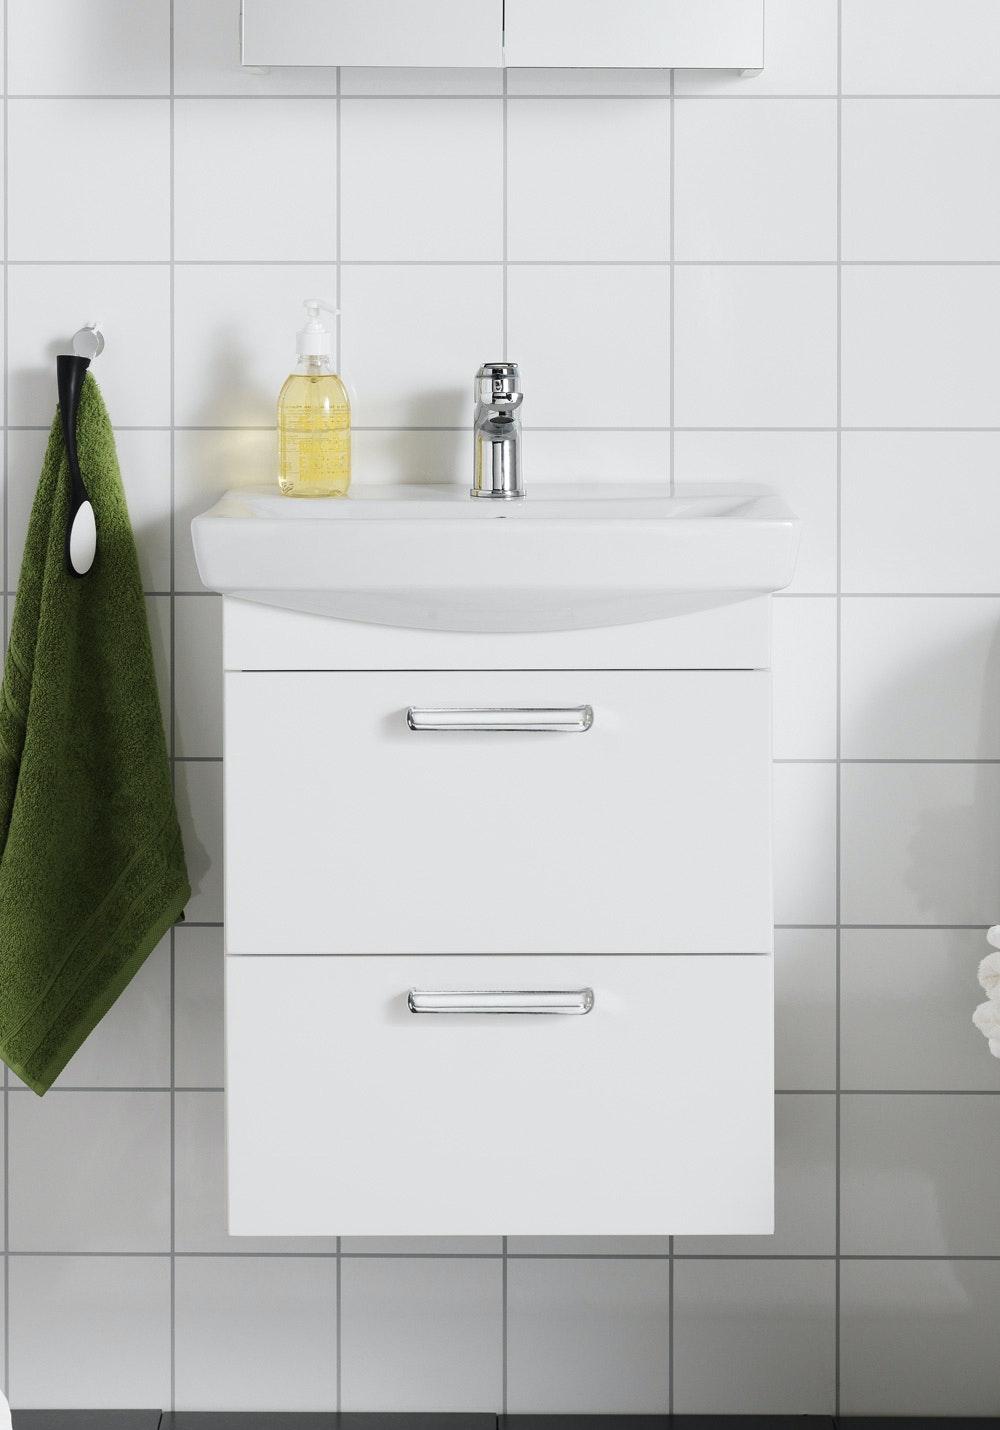 Tvättställsskåp Hafa Life 700 Vit Utan Lådfront Med Tvättställ